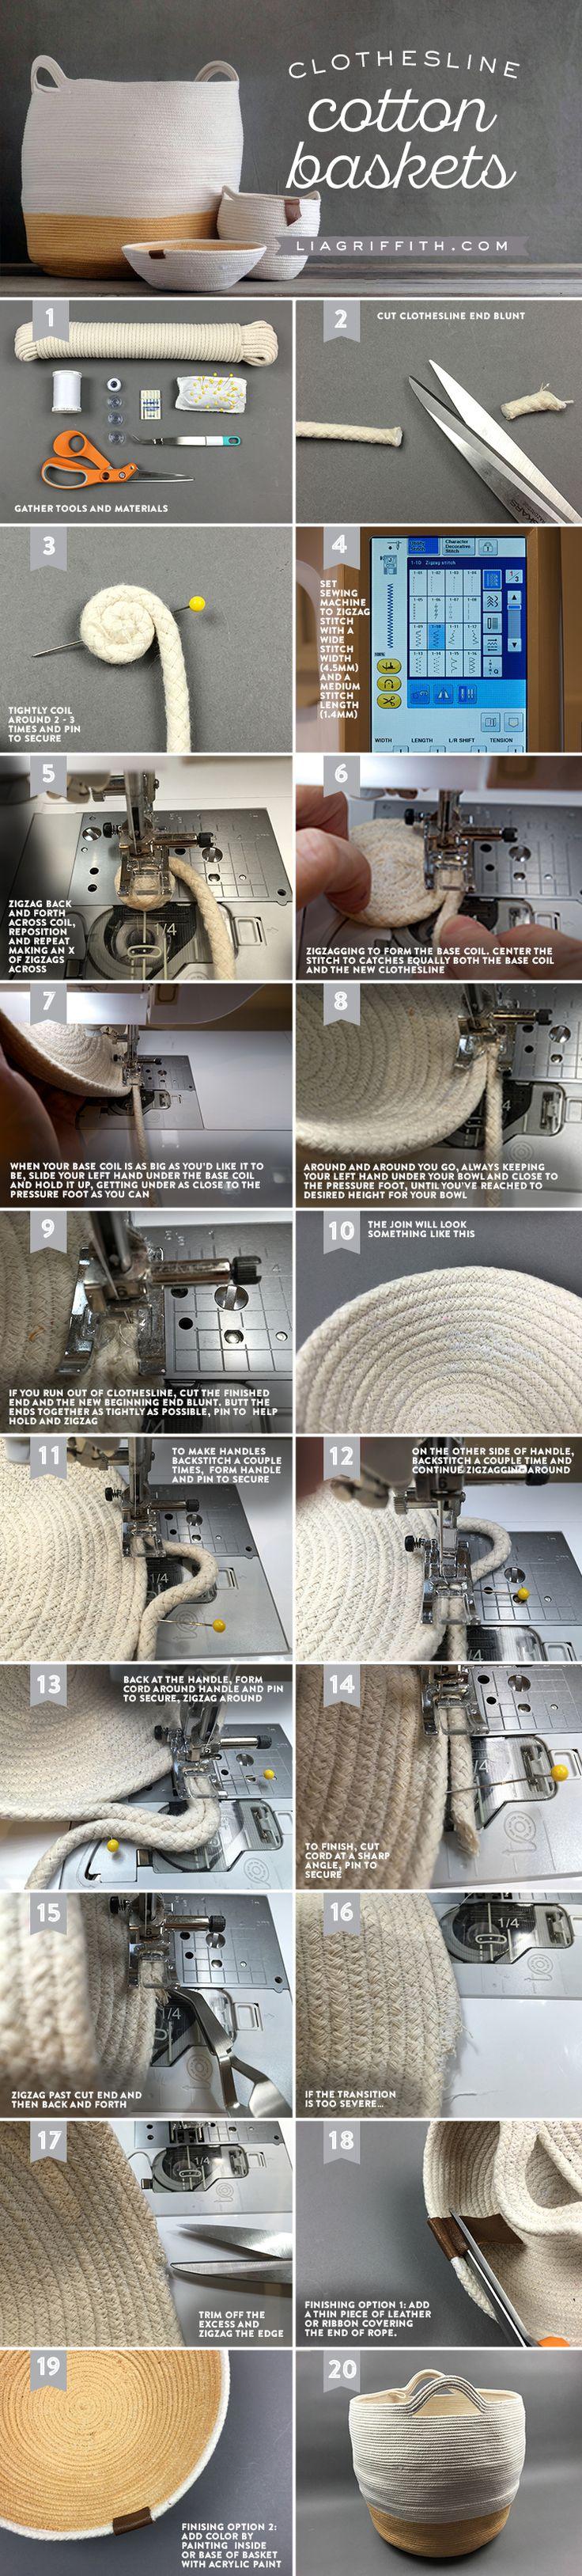 DIY Cotton Clothesline Baskets - Lia Griffith